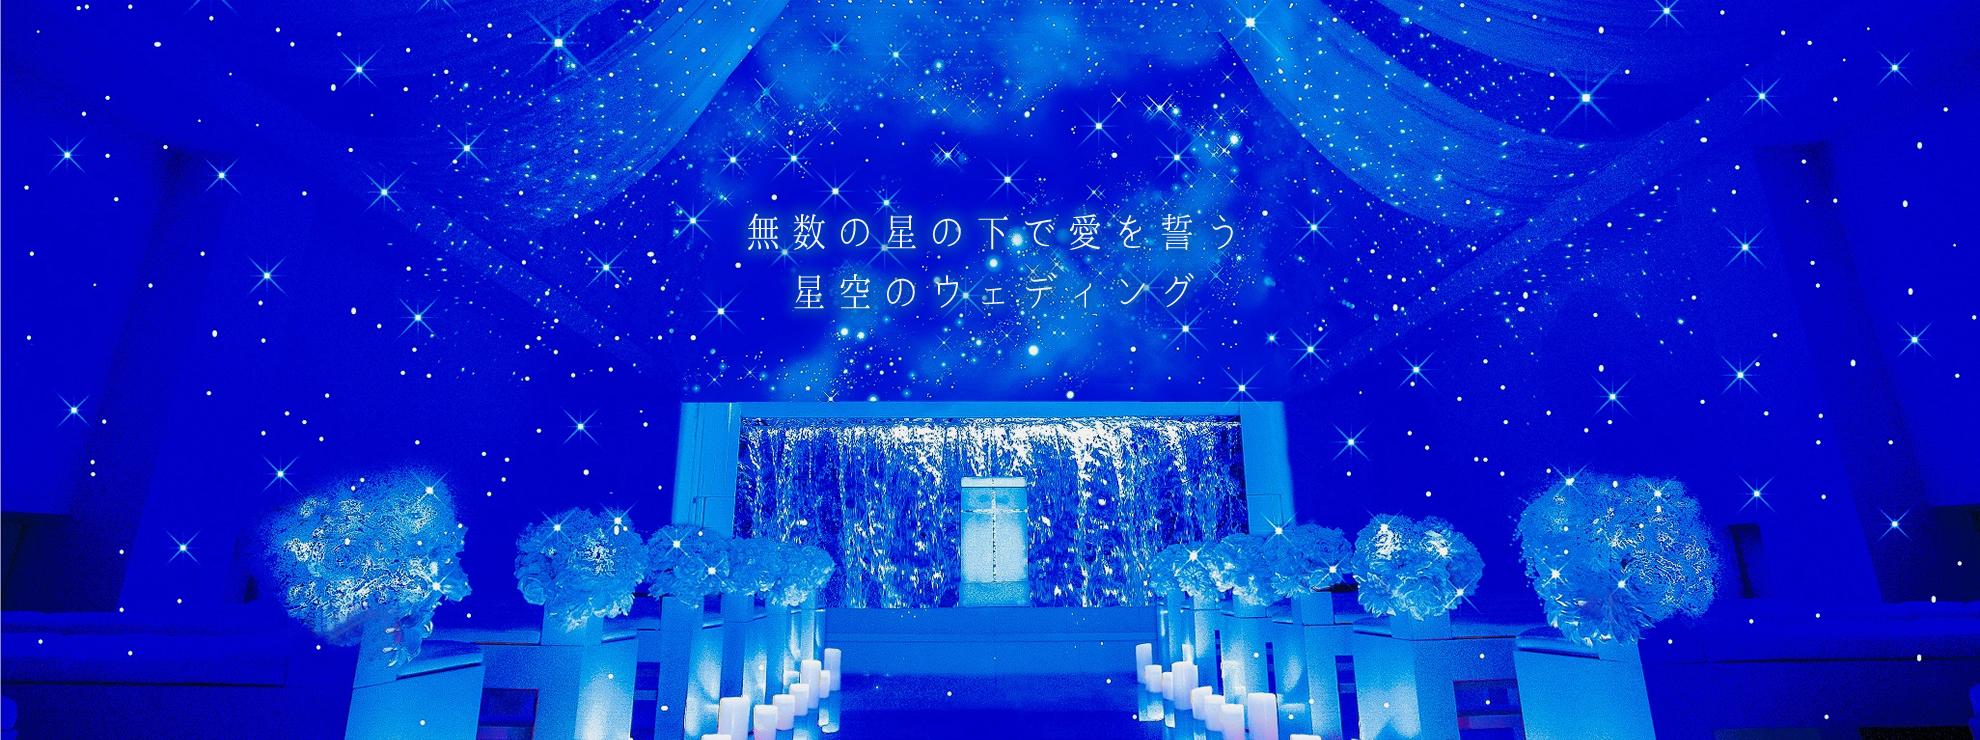 ロマンティックな星空に囲まれて